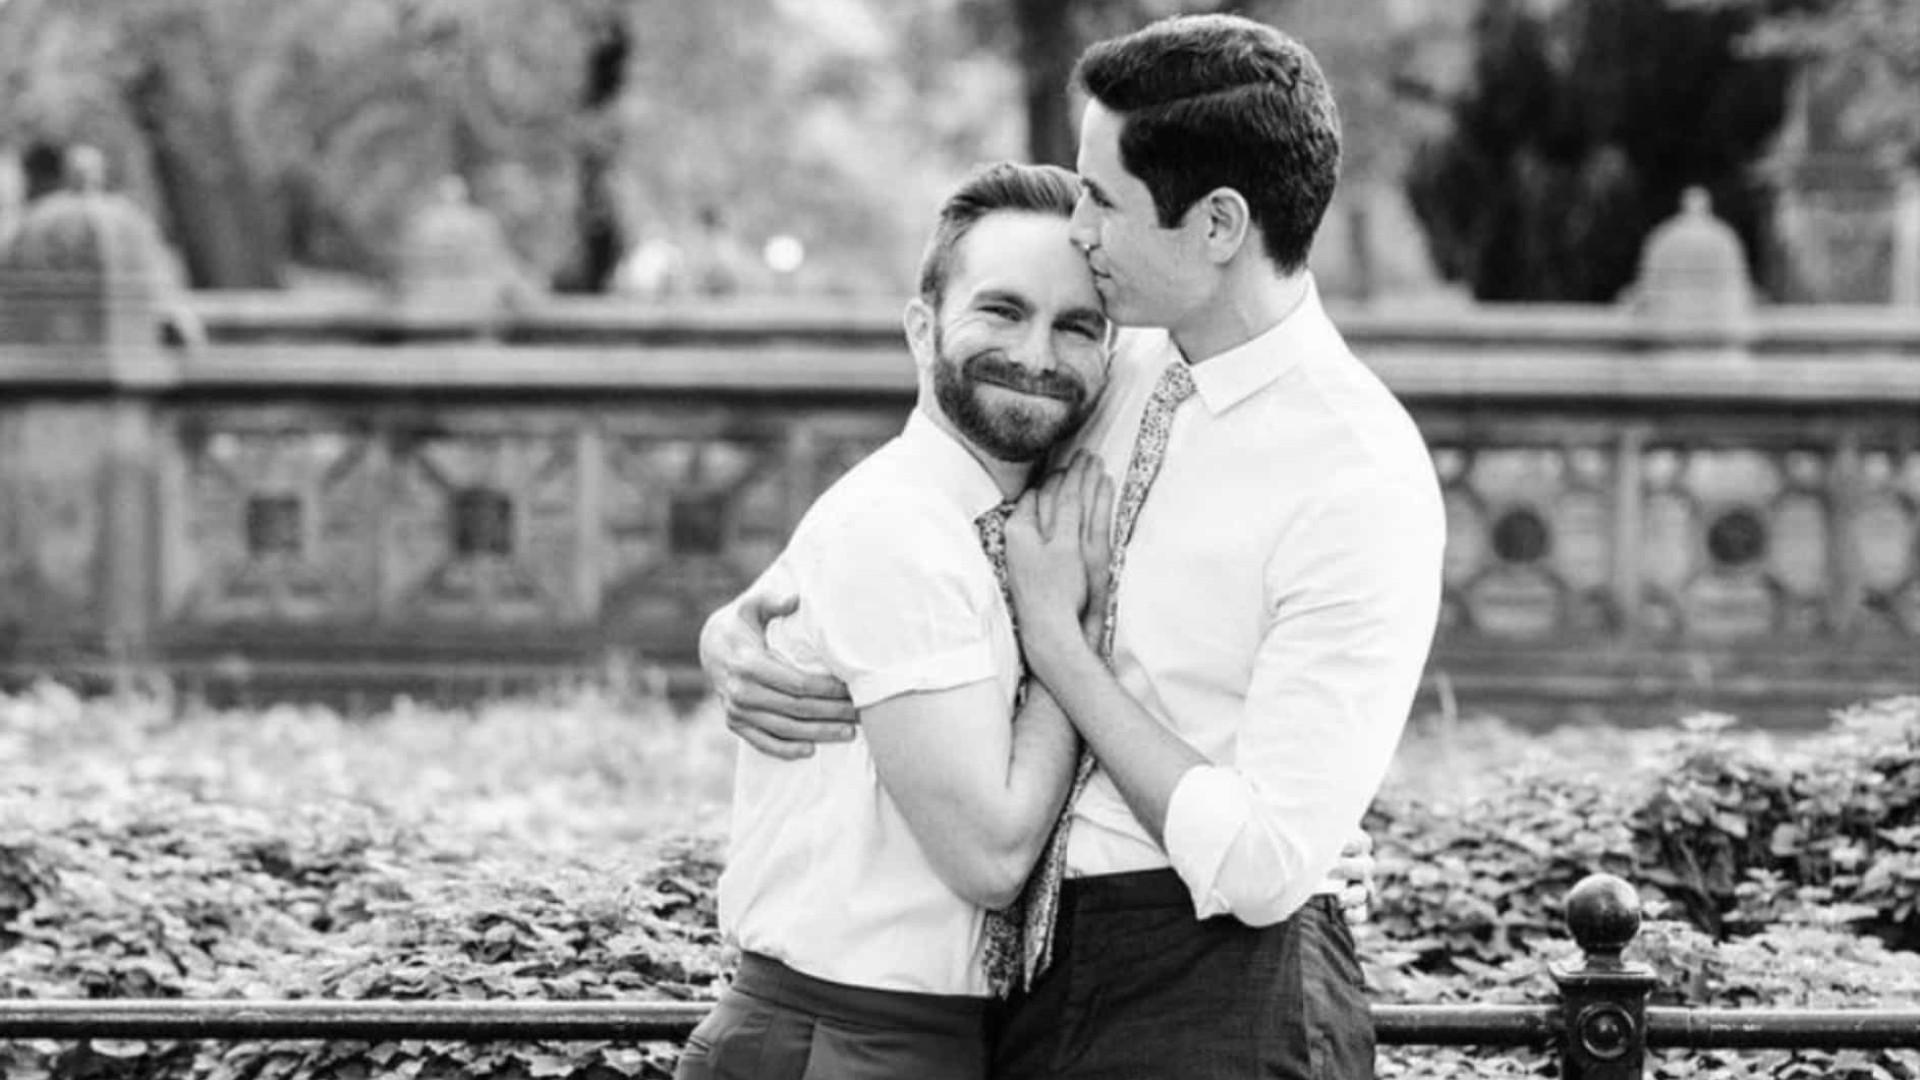 Ator de 'Gossip Girl' se casa com namorado em cerimônia nos EUA